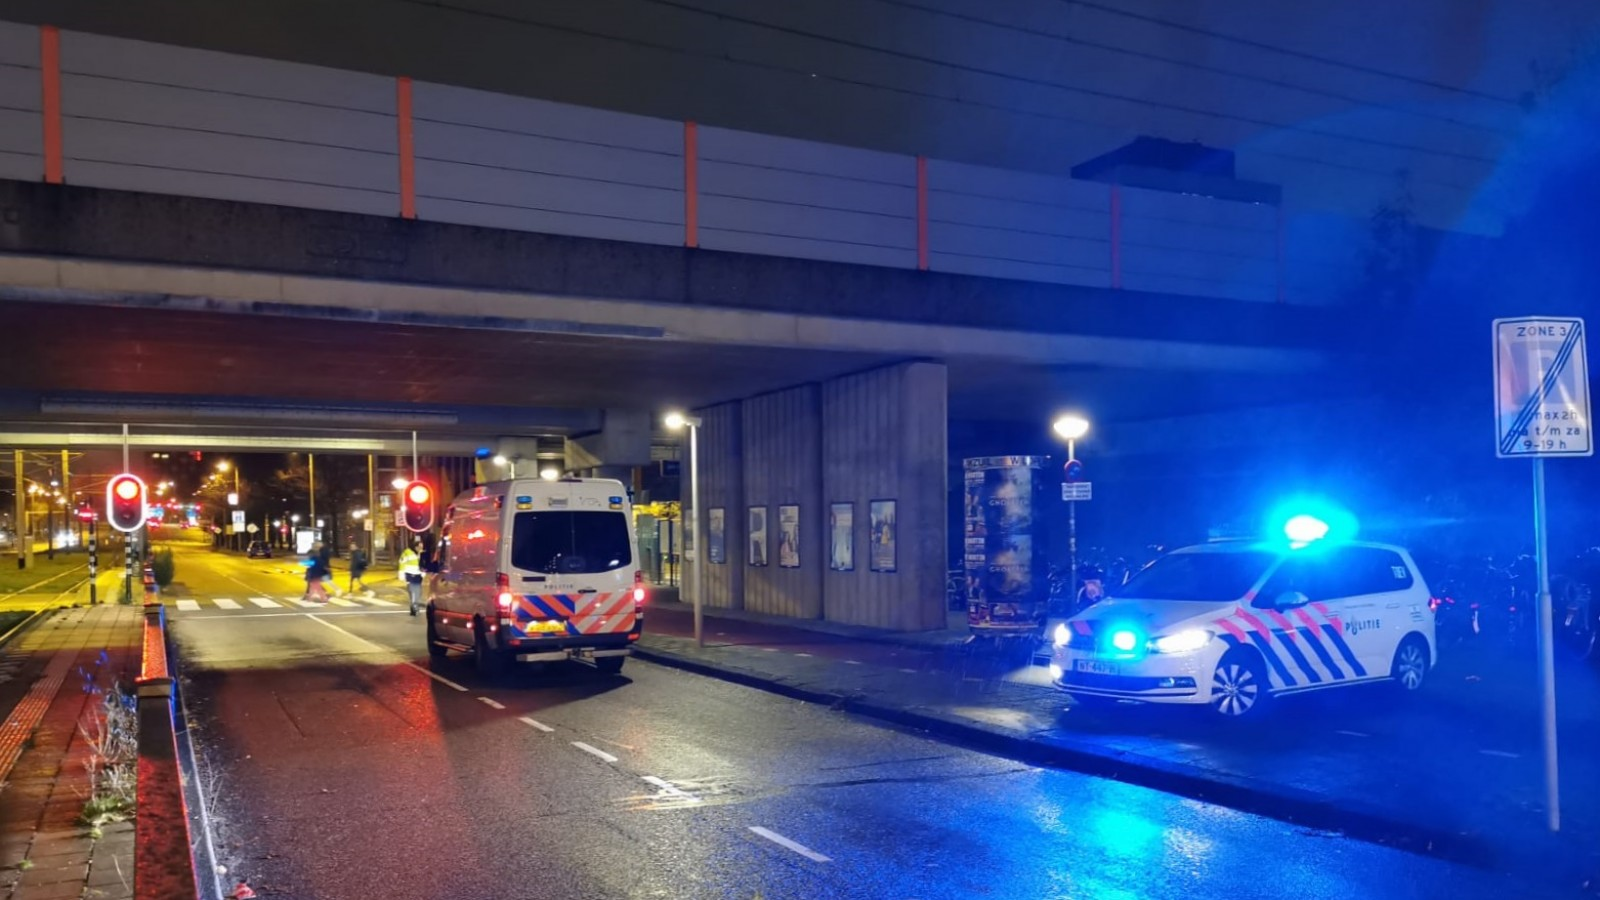 Voetganger gewond bij aanrijding met auto op Jan van Galenstraat.